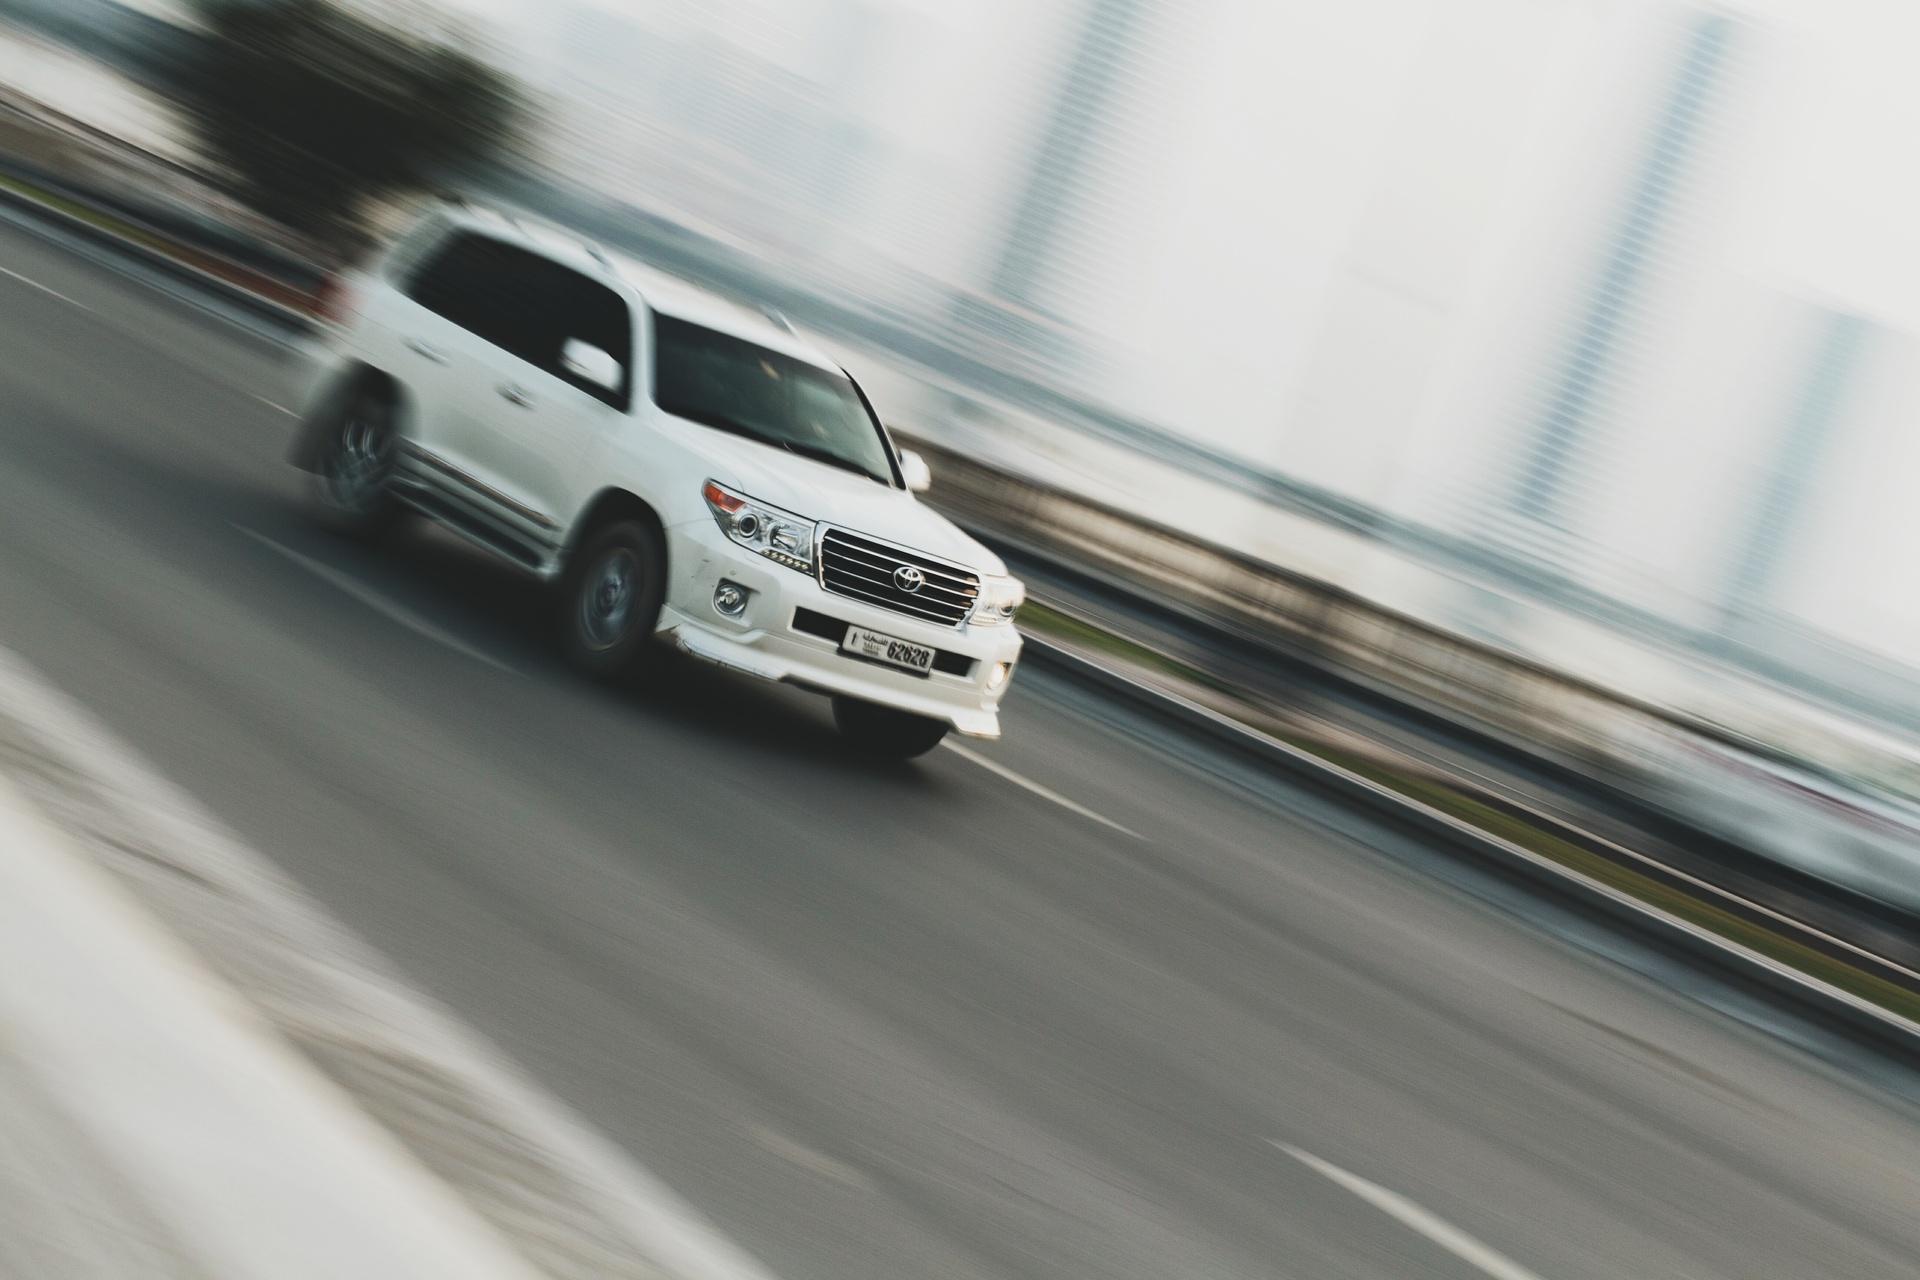 AutoFestival 2021 :Bilan mitigé et coup de frein pour le diesel